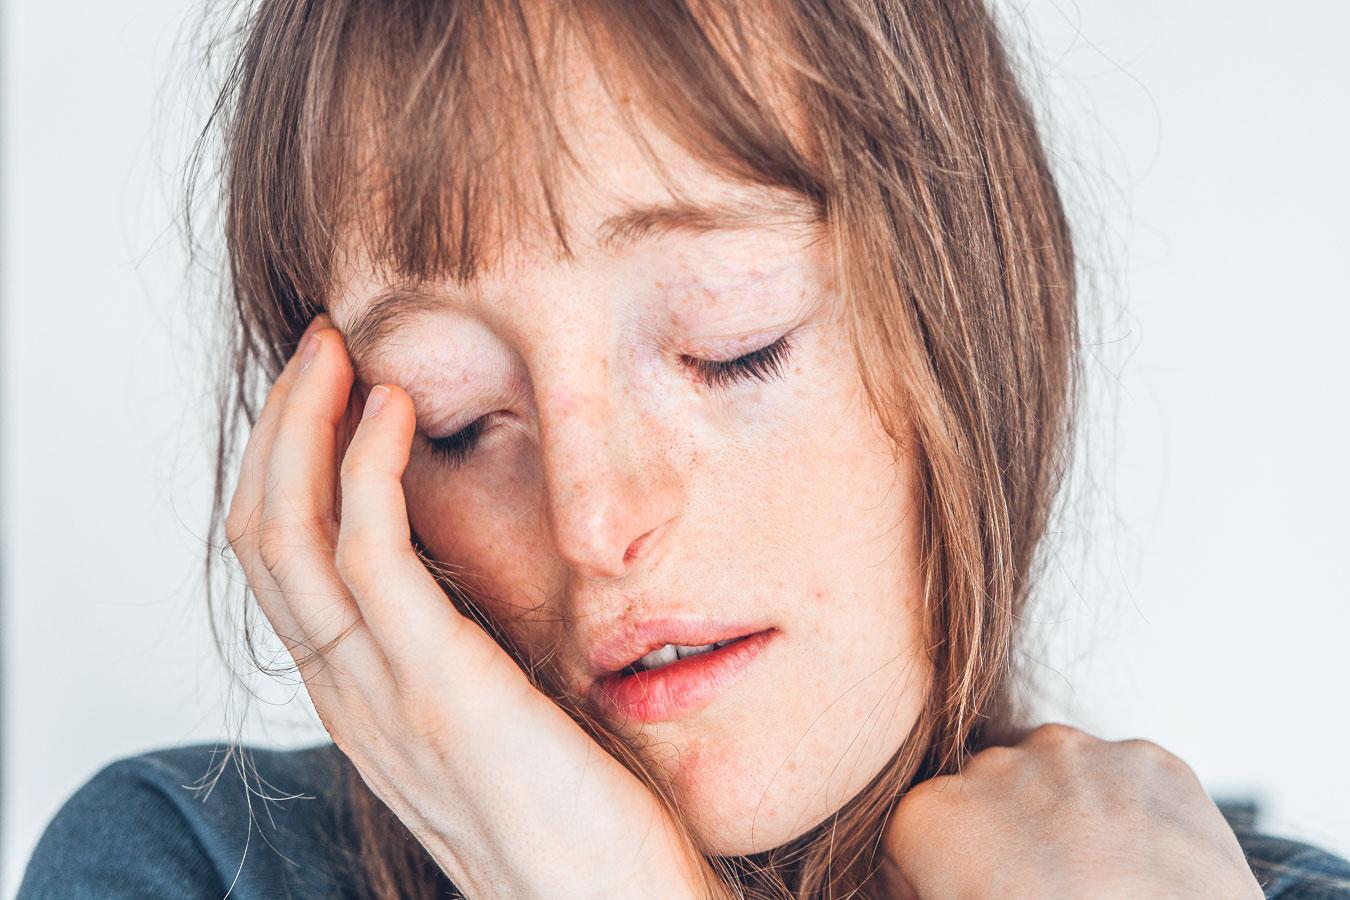 Wie hast du gelernt, dich so anzunehmen wie du bist, Ilka Brühl? #stillundstark